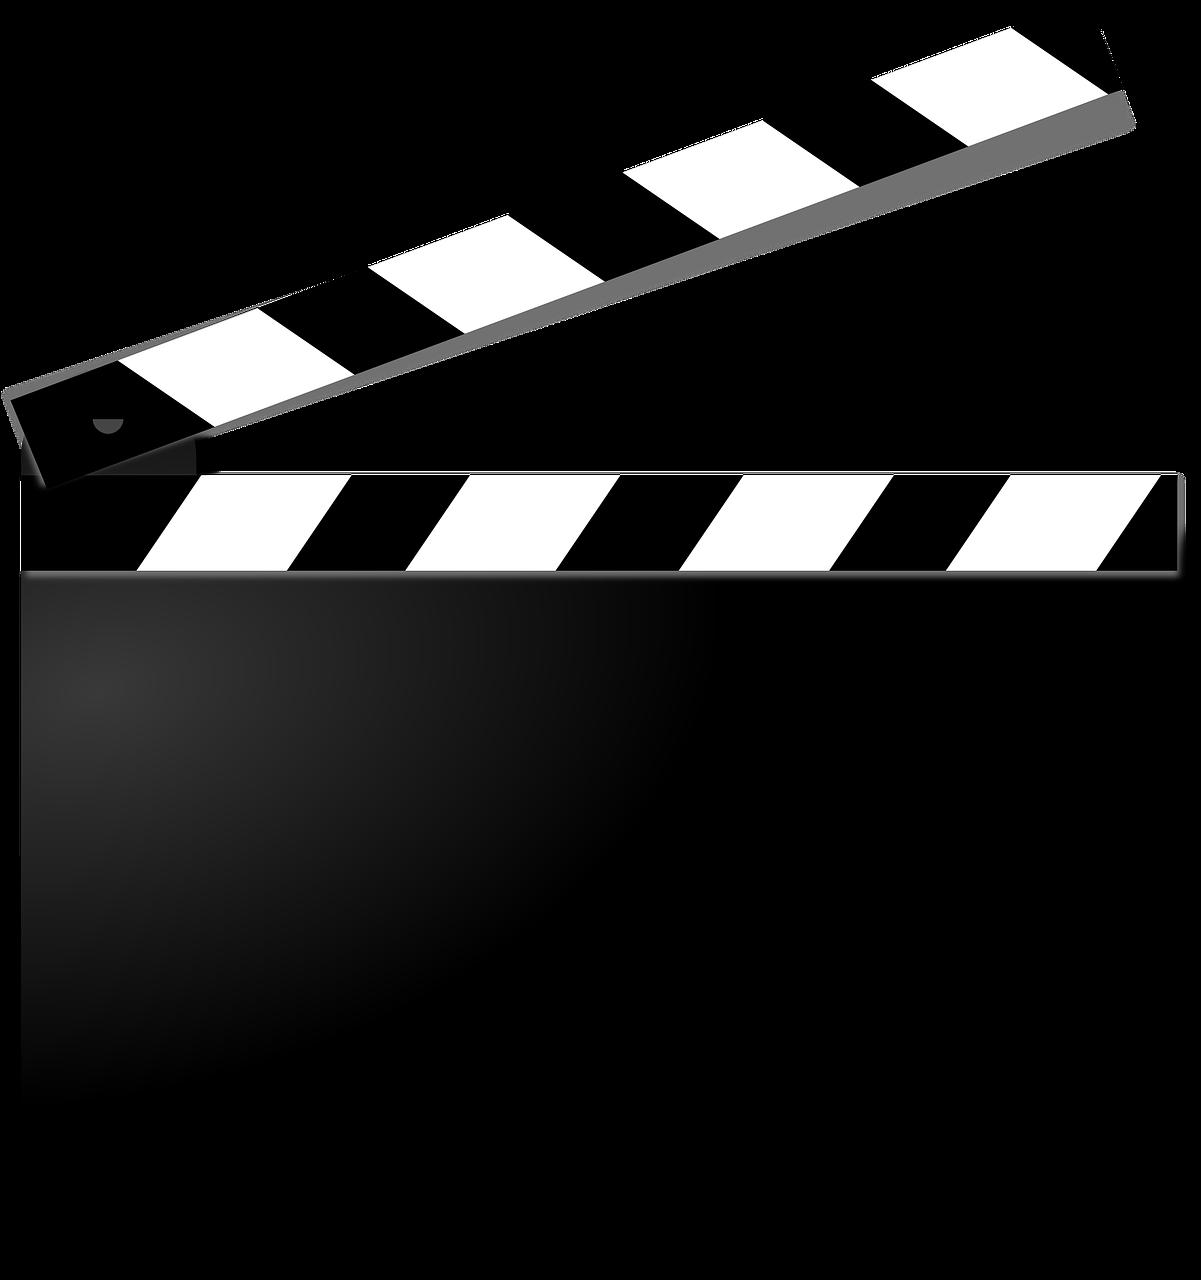 Filmfestival, Abgedreht, Bergedorf, Schaufenster, Stadtteilbüro, Filmemacher, Nachwuchstalente, Filmfestival, Filme, Spaziergang, Nachrichten, News, Hamburg